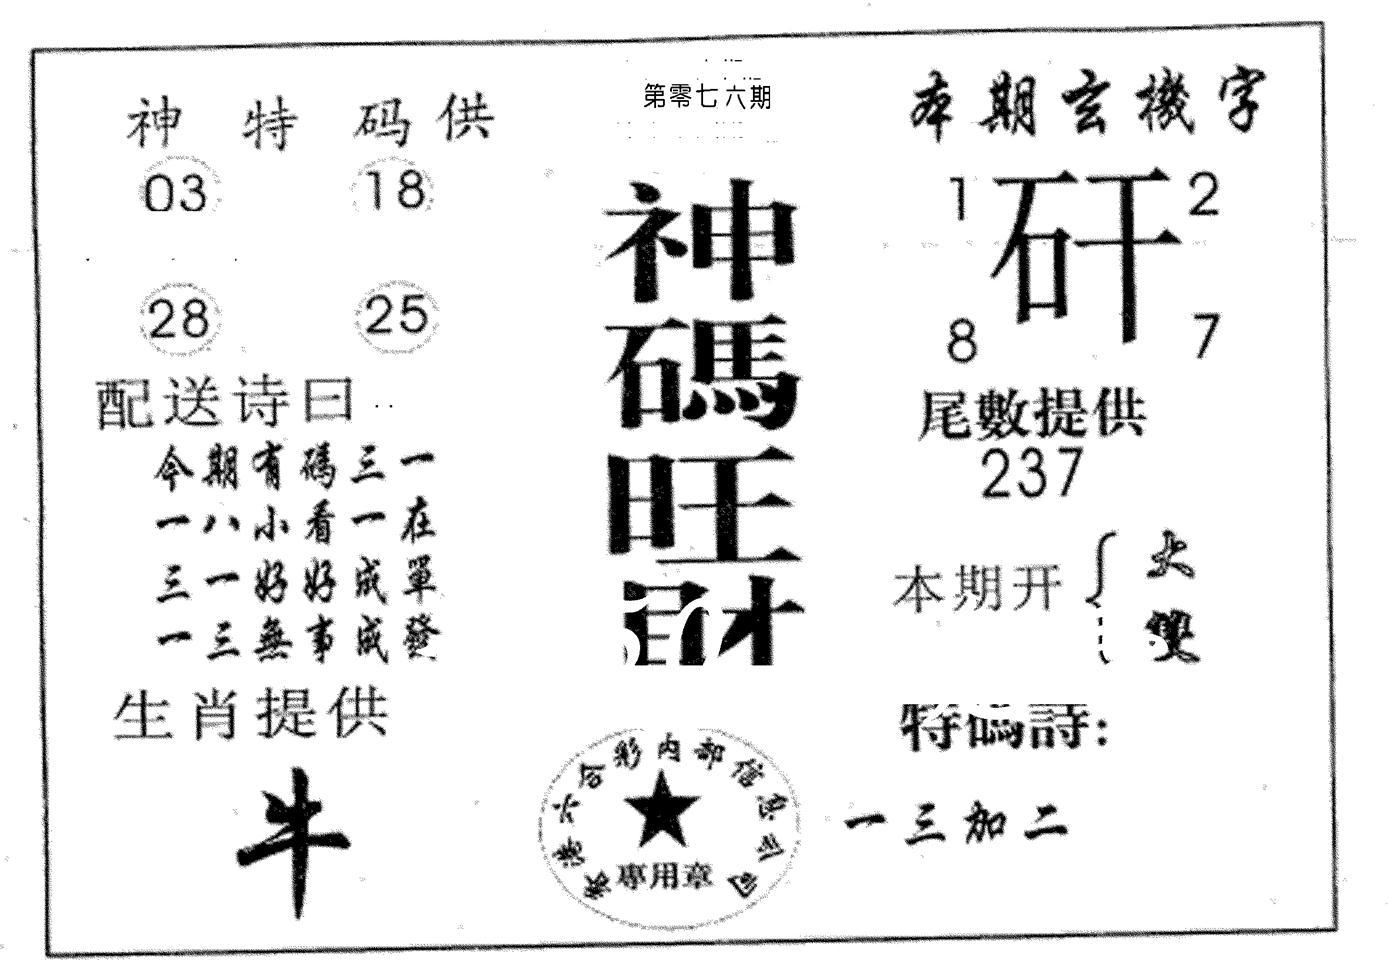 076期神码旺财(黑白)